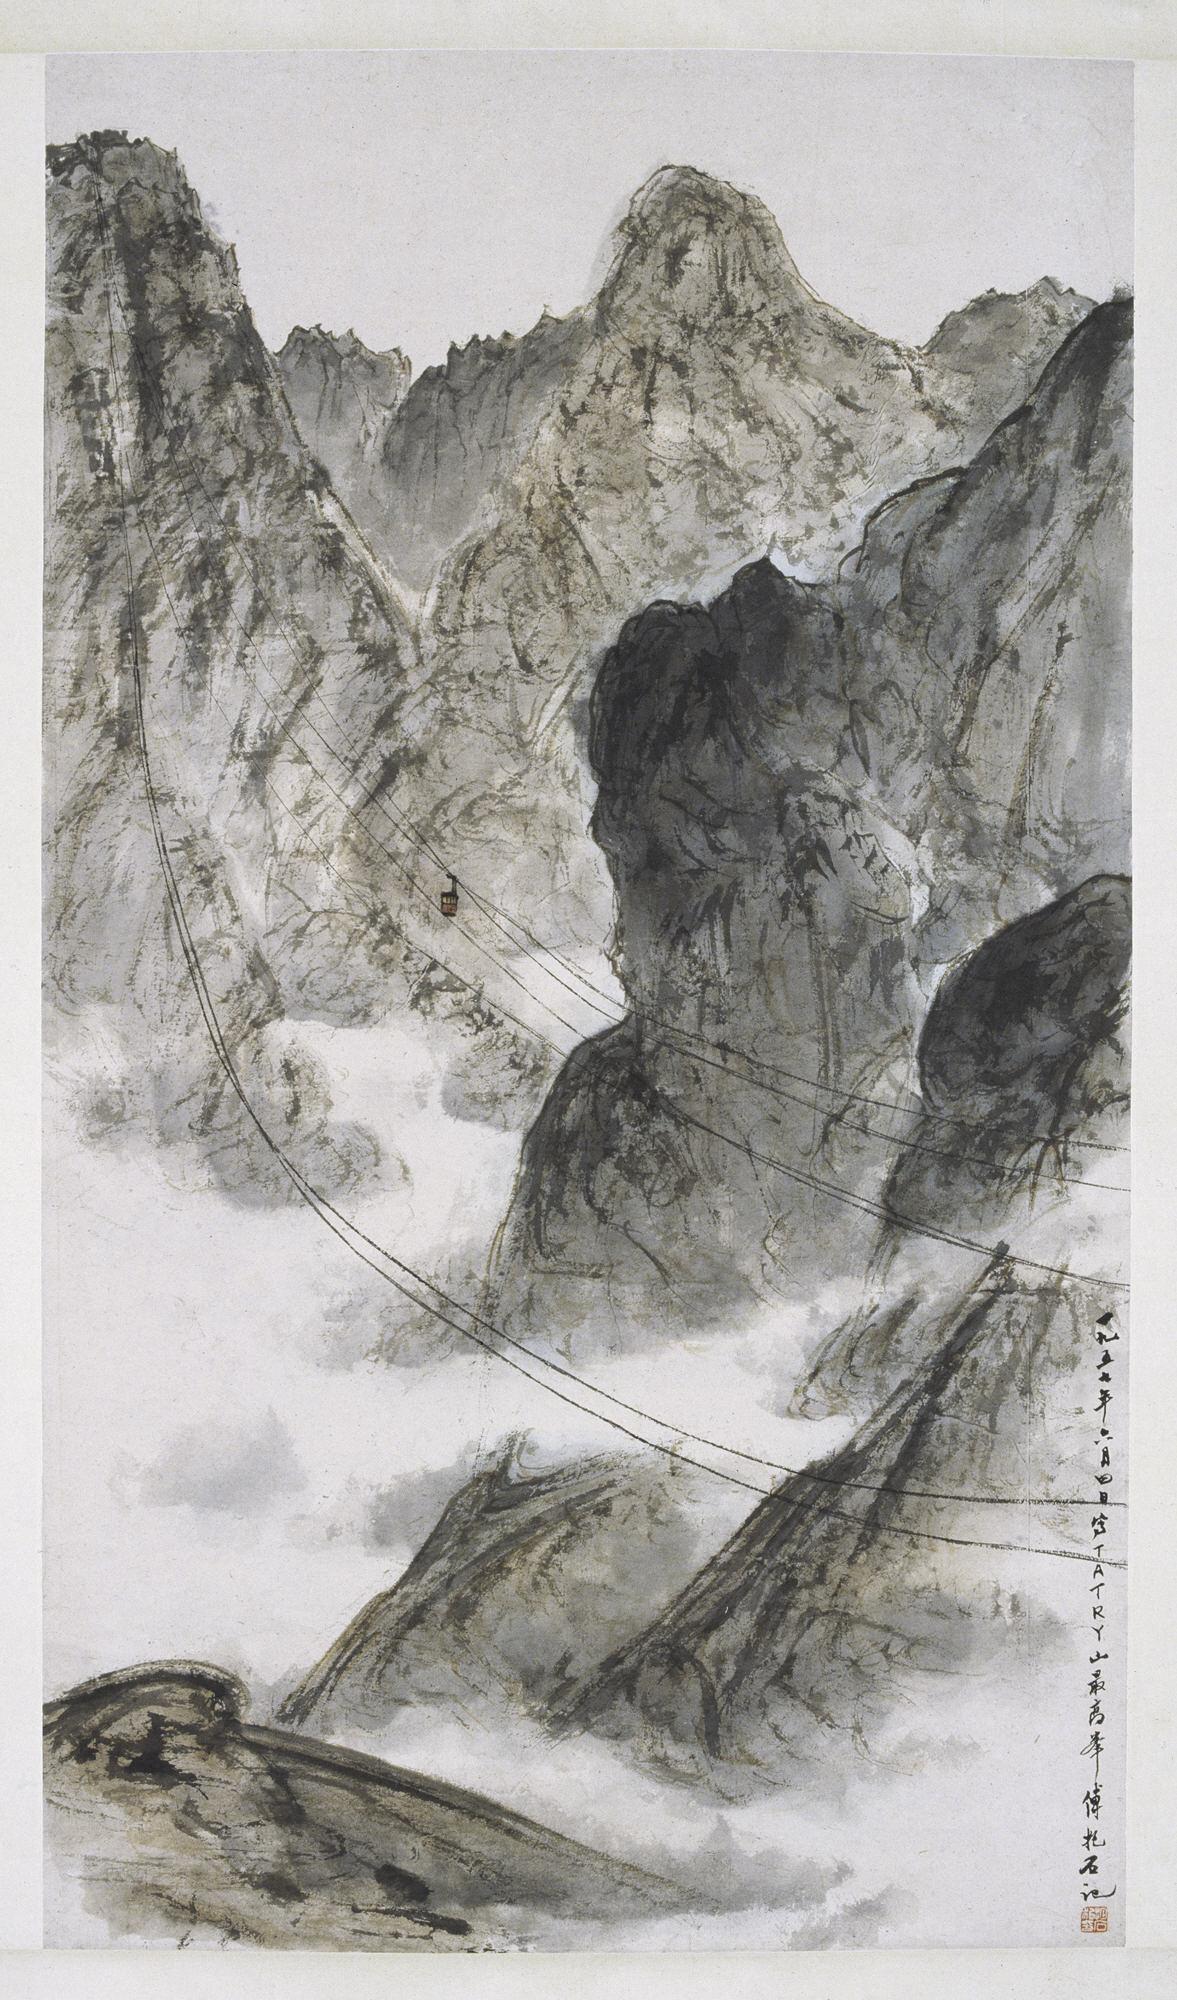 傅抱石 1959年 塔特拉山最高峰